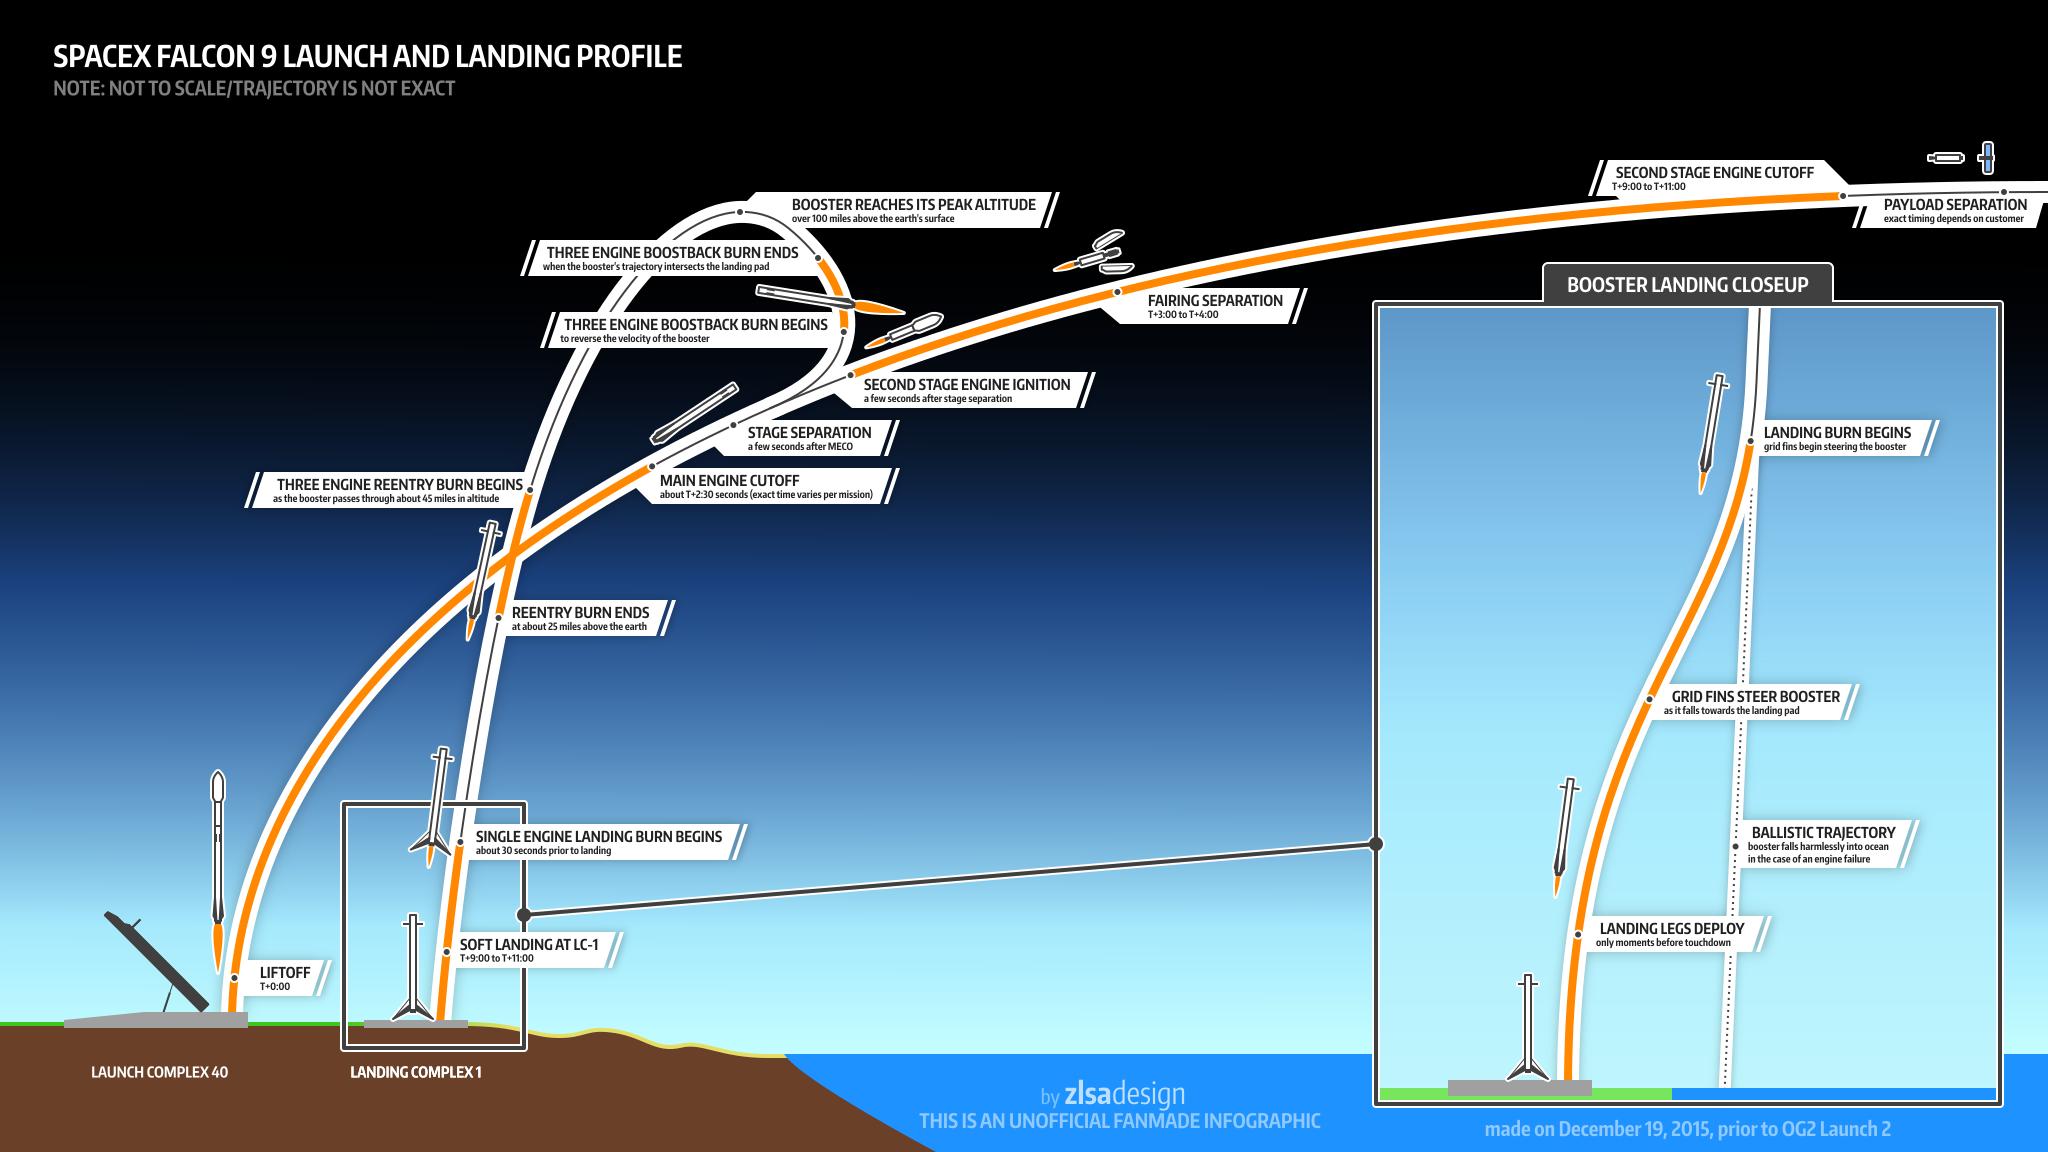 SpaceX снова собирается посадить Falcon 9 на морскую платформу, усложняя себе жизнь. Зачем? - 3